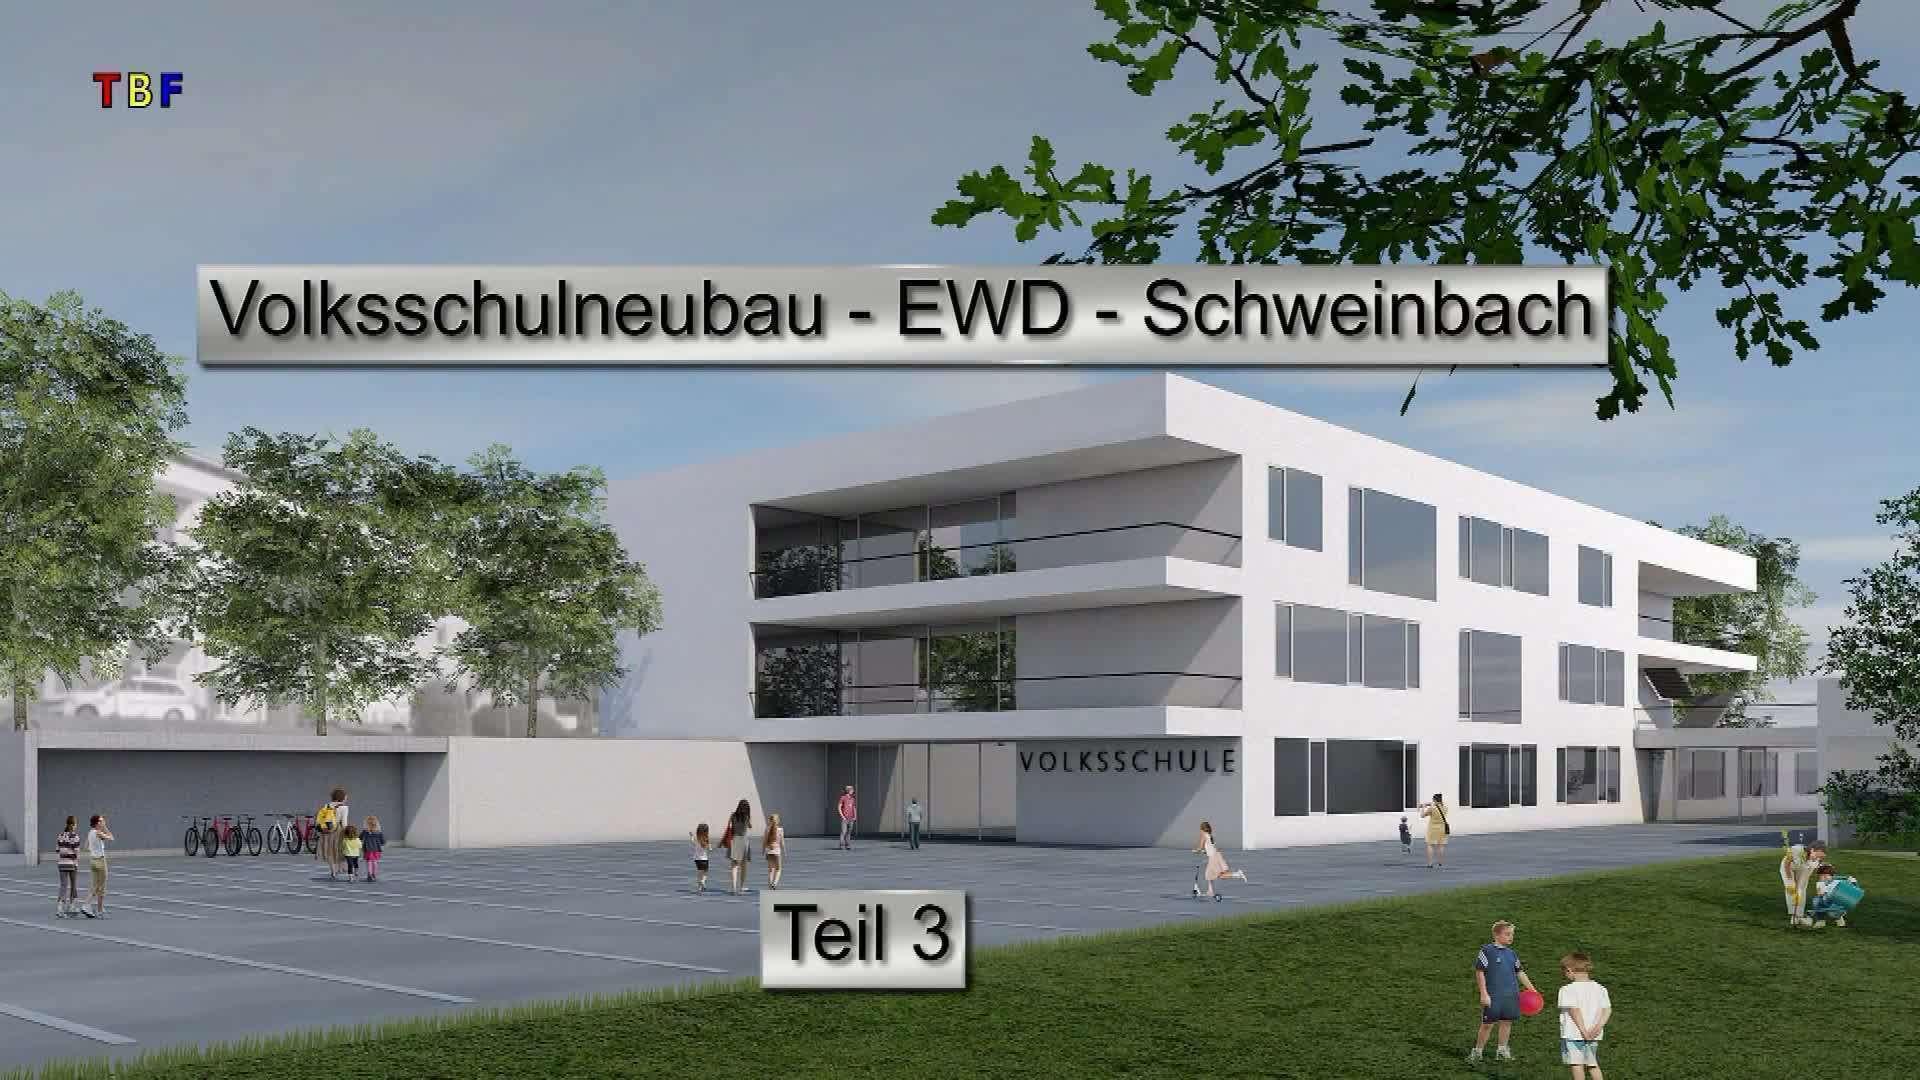 Volksschulneubau EWD-Schweinbach Teil 3